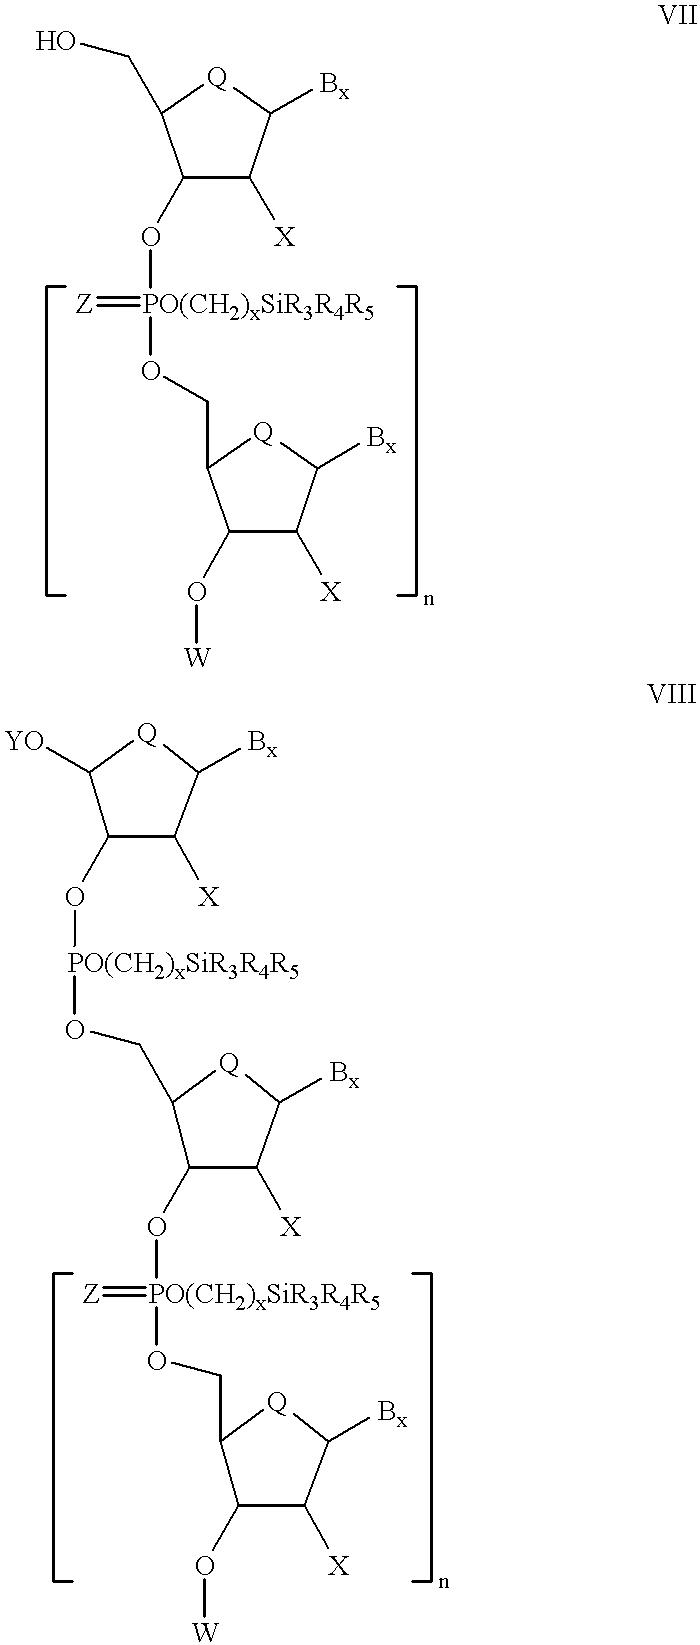 Figure US06294664-20010925-C00010